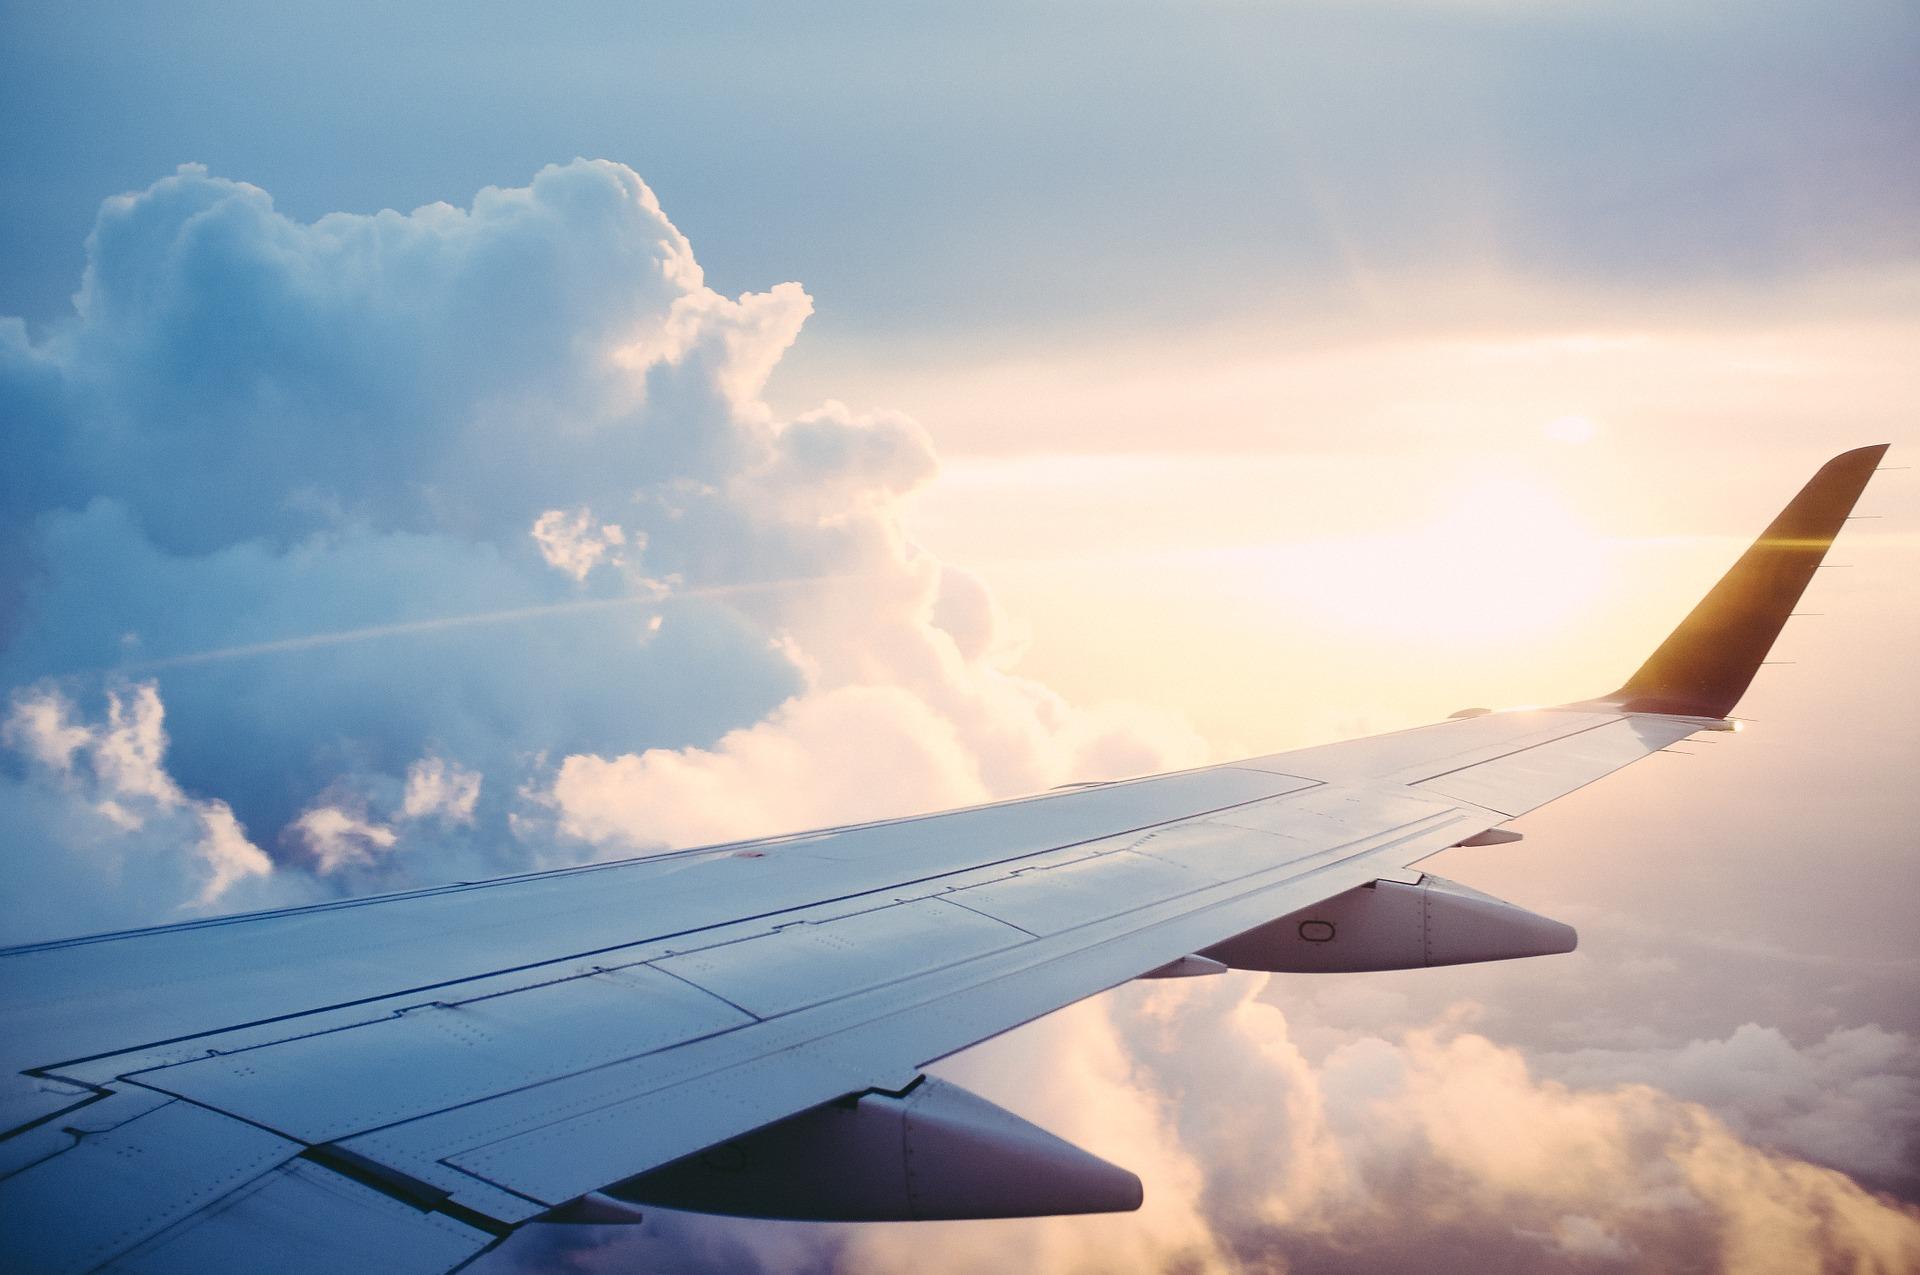 Czy w te wakacje polecimy gdzieś samolotem? Balice się przygotowują